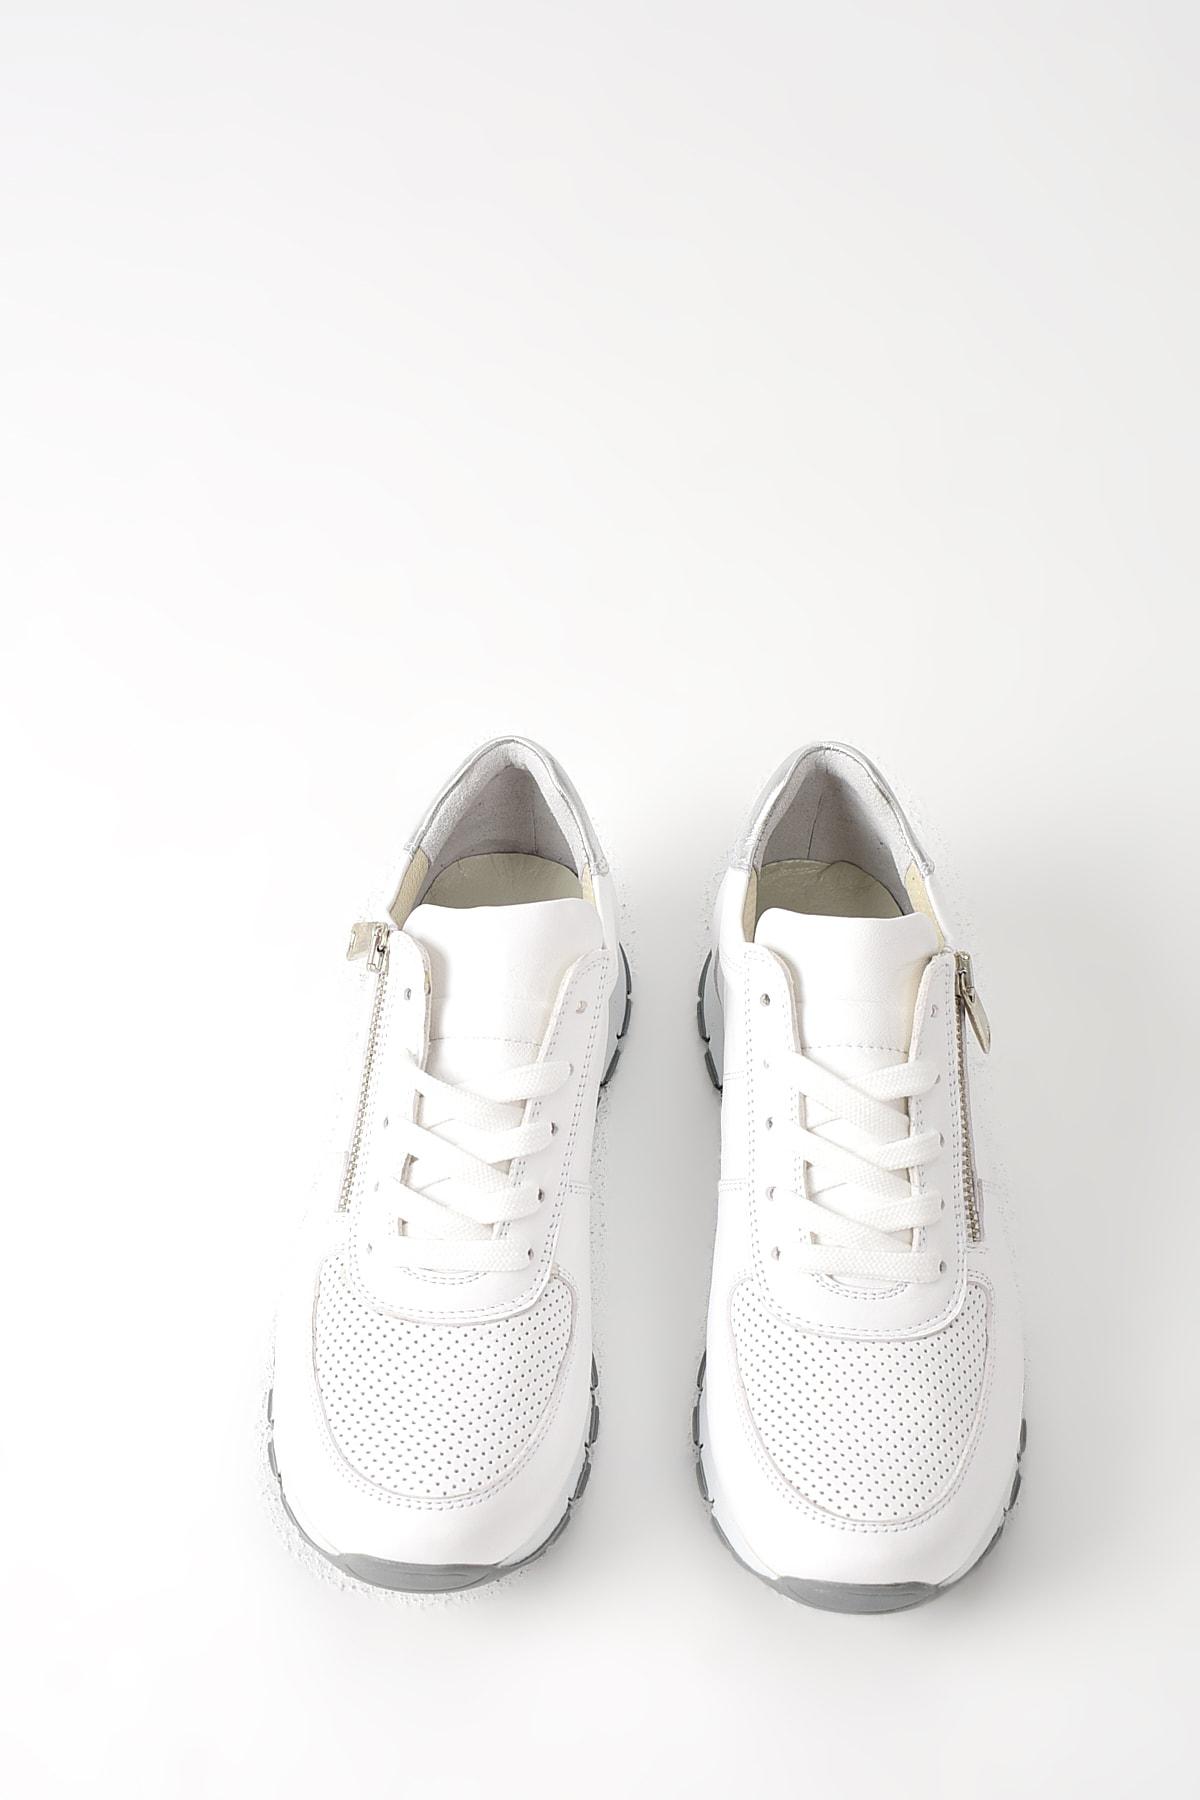 Uniquer Hakiki Deri Beyaz Kadın Ayakkabı 10157U 678 4